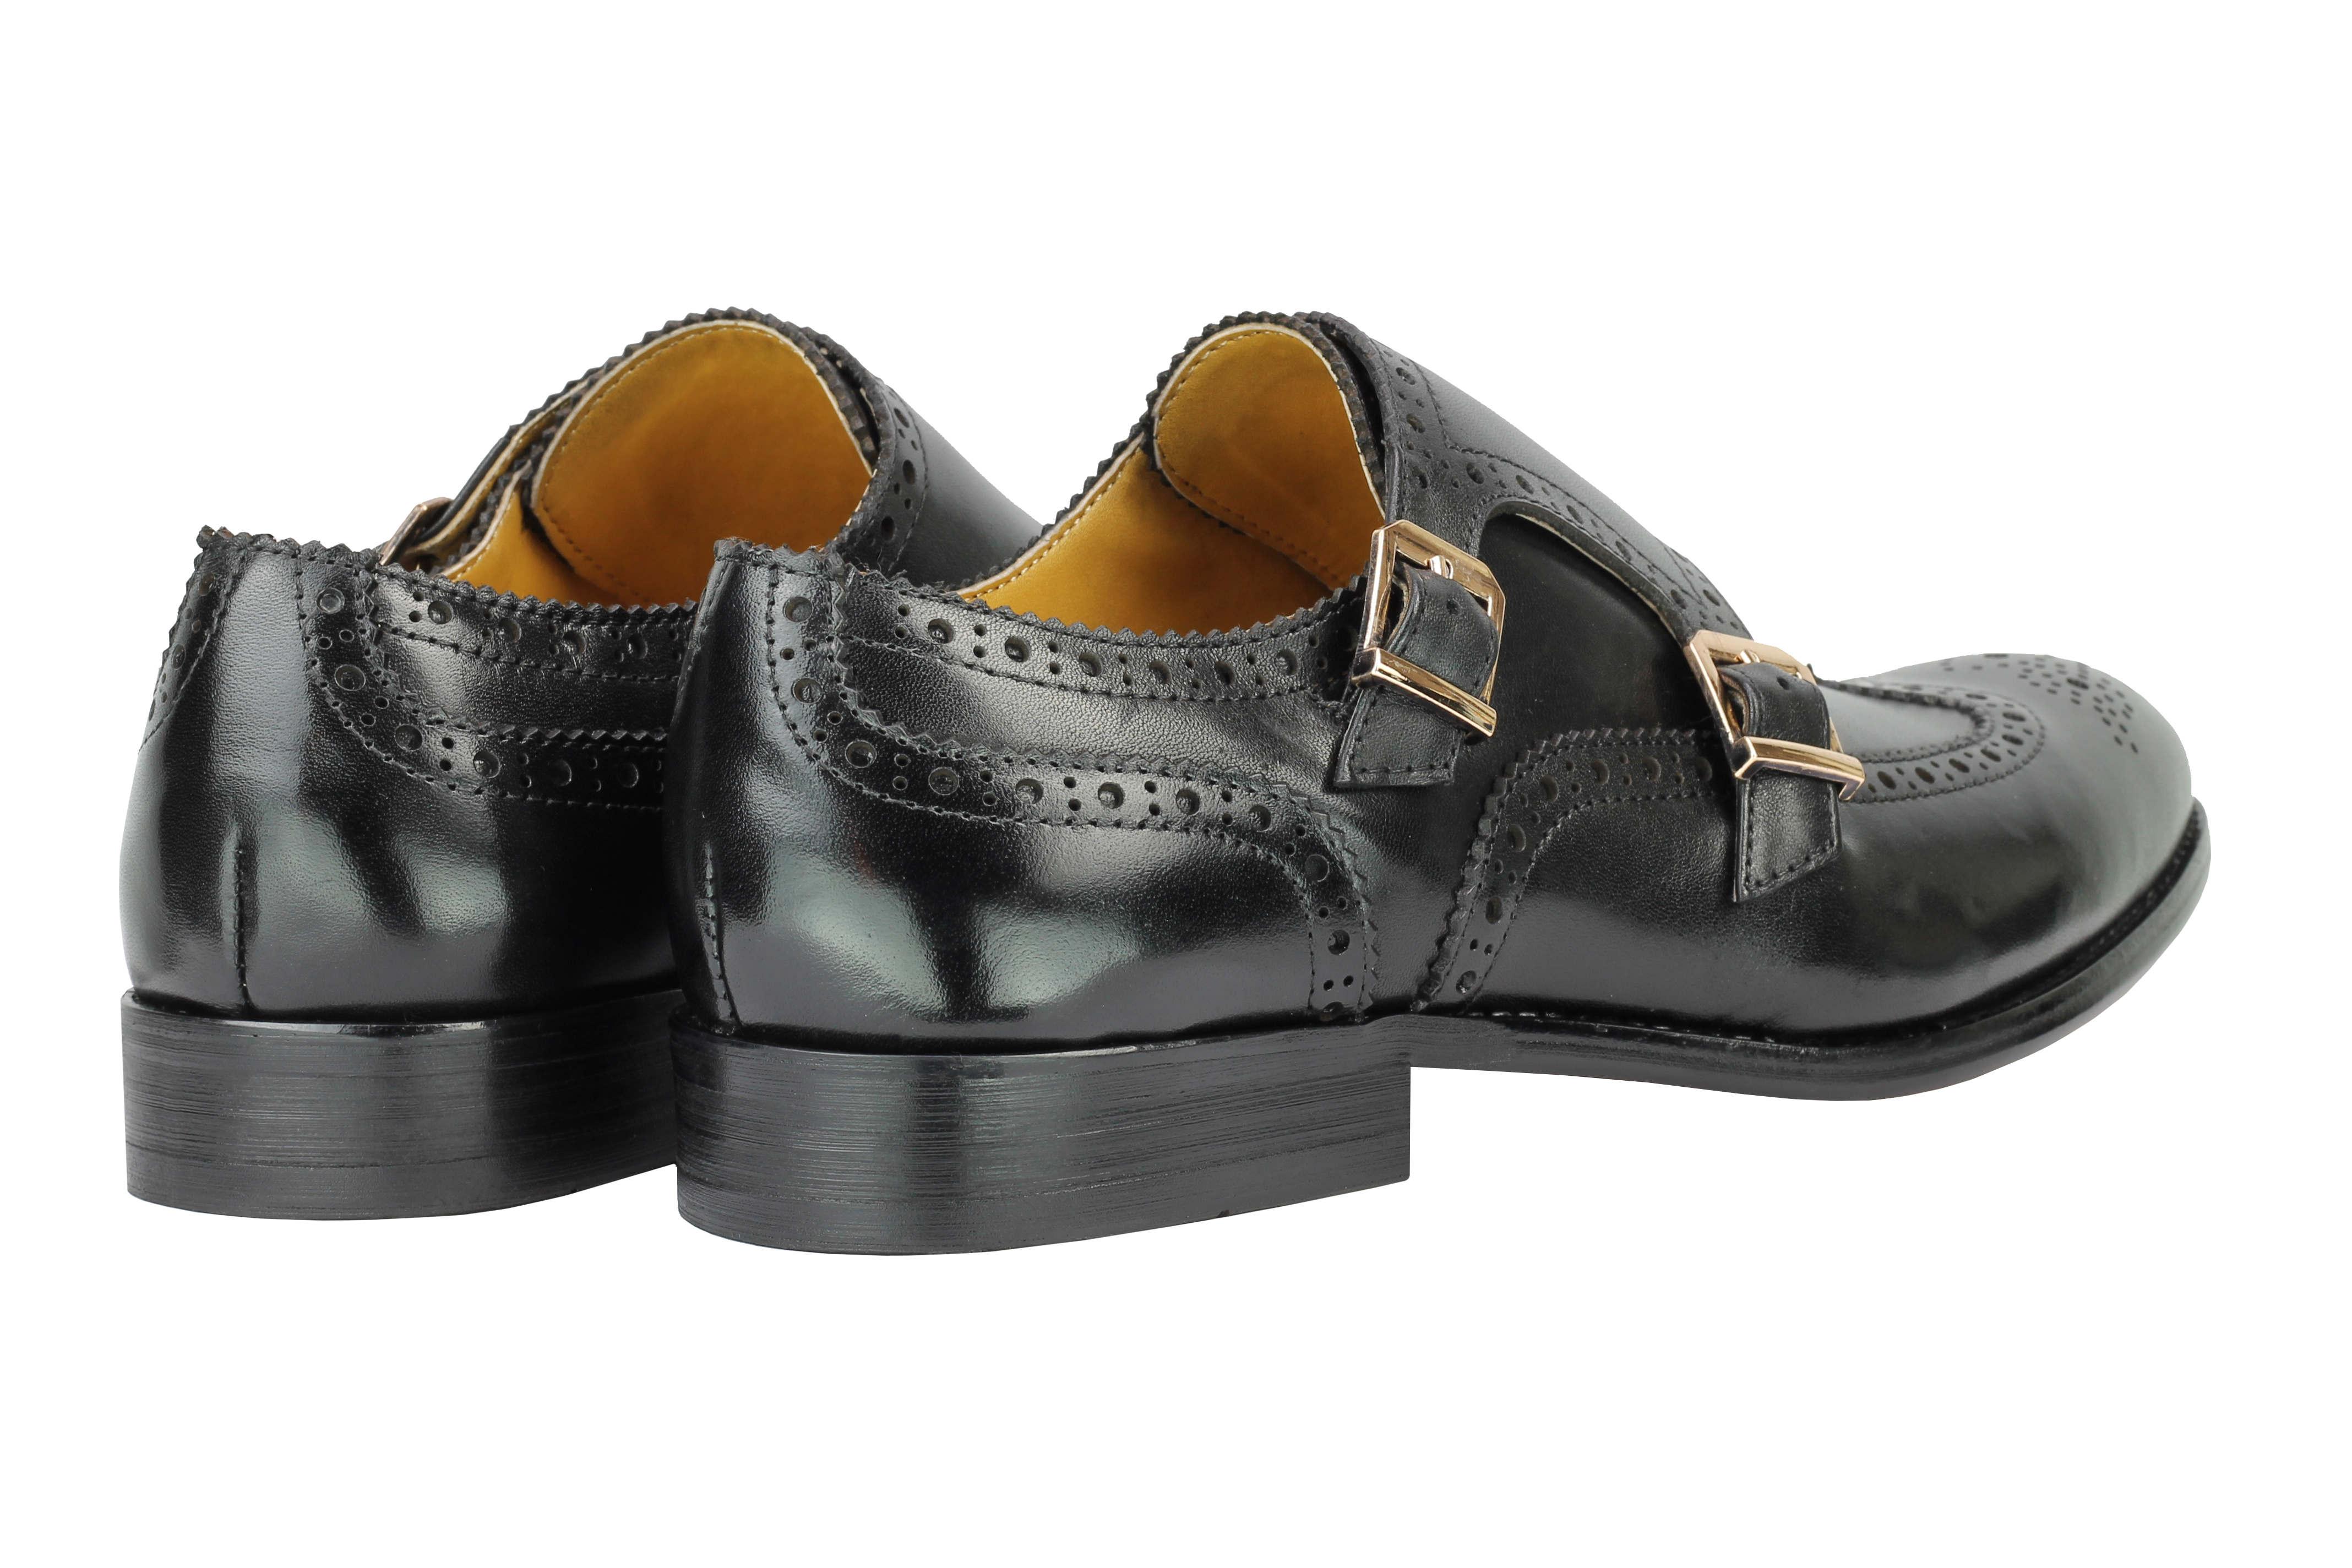 Vintage-pour-homme-Noir-Marron-En-Cuir-Veritable-Richelieu-a-Moine-Chaussures-elegant-Formel-Lacet miniature 6